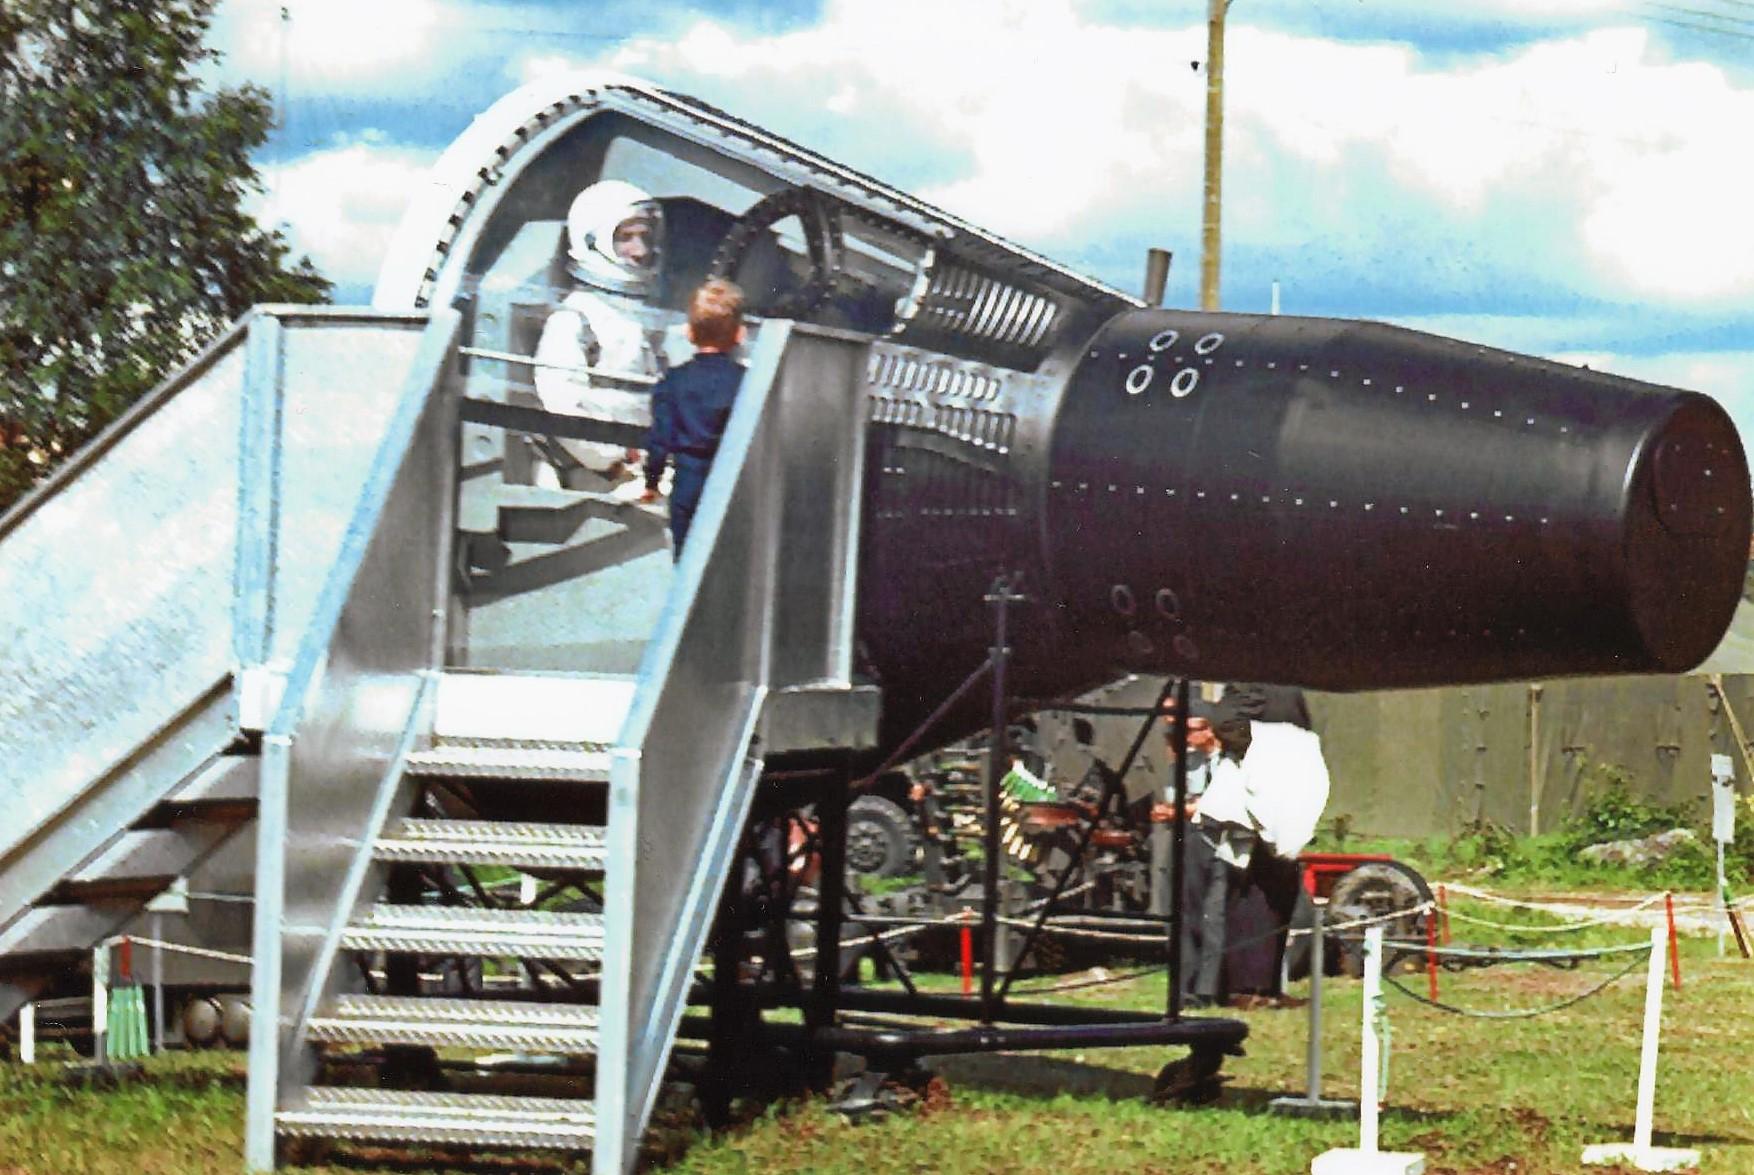 Gemini 7 på plats på prästtäkten i Sveg, Härjedalens hittills största utställning Härjedalen visar den 9-17 juli 1966. På fotot ses unge Dag Jansson ta en närmare titt på astronauten och dennes rymdfarkost. Foto: Pappa Bo Jansson